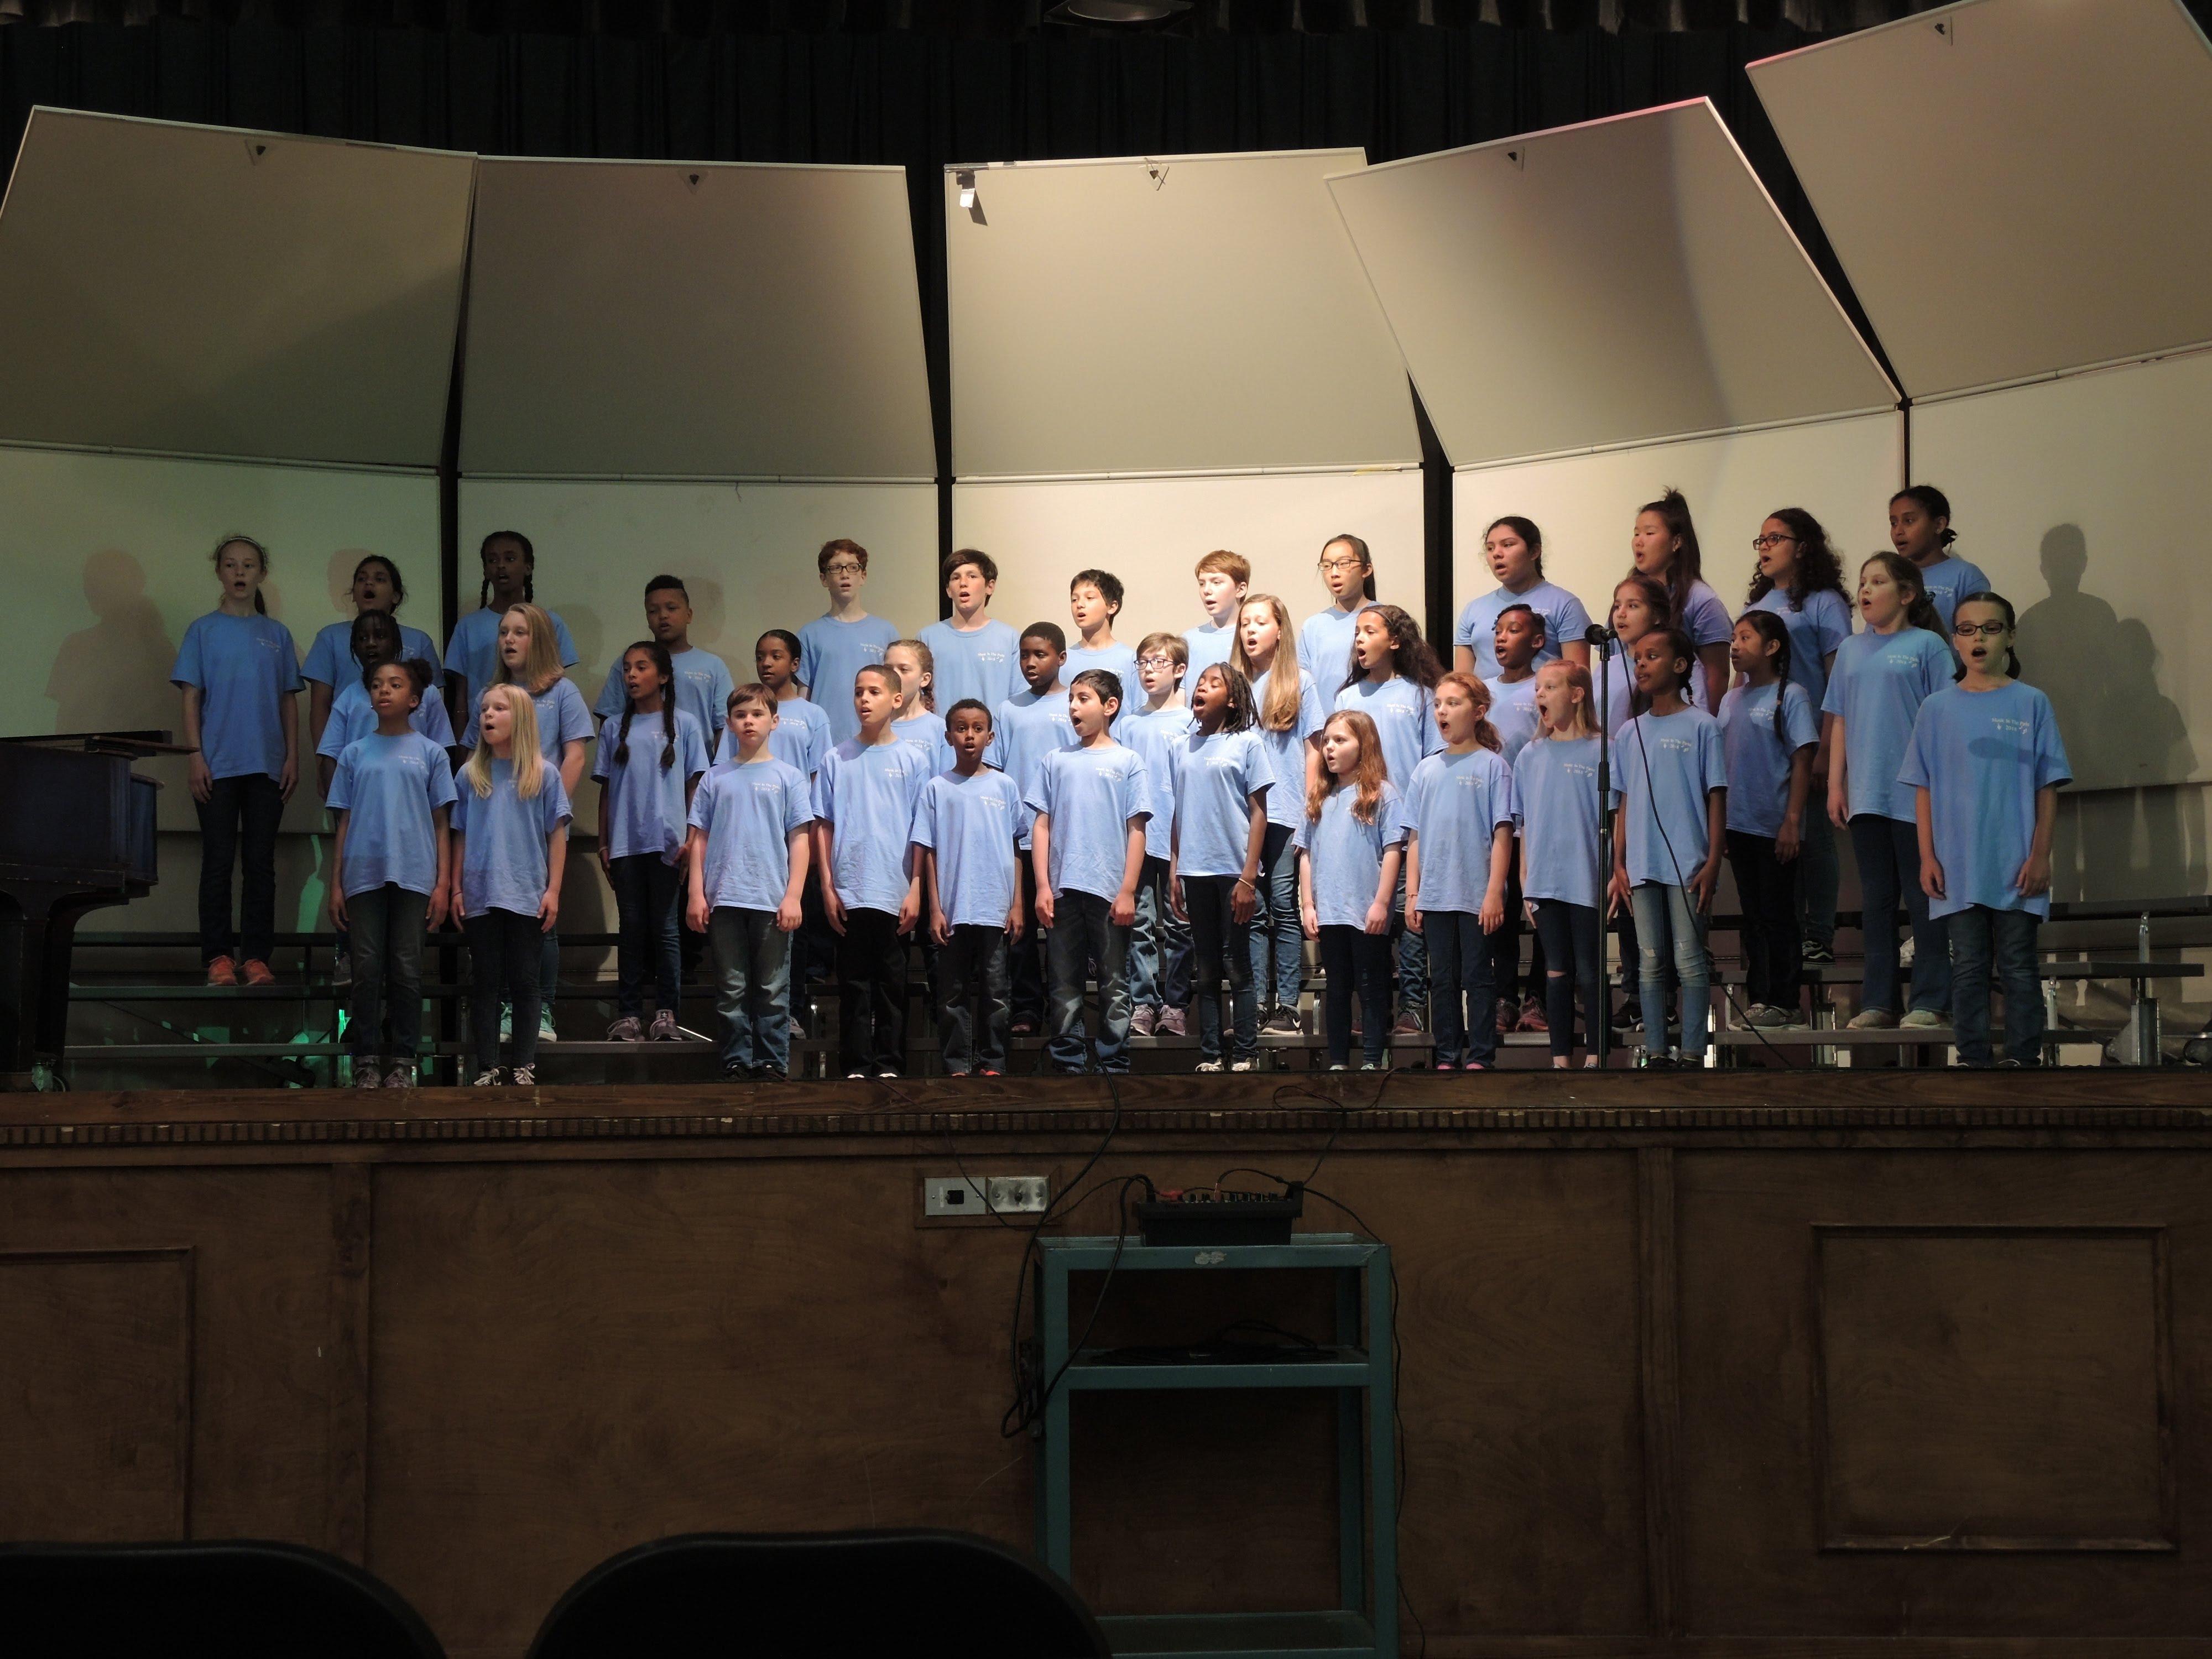 Drew Choir Wins 1st Place!